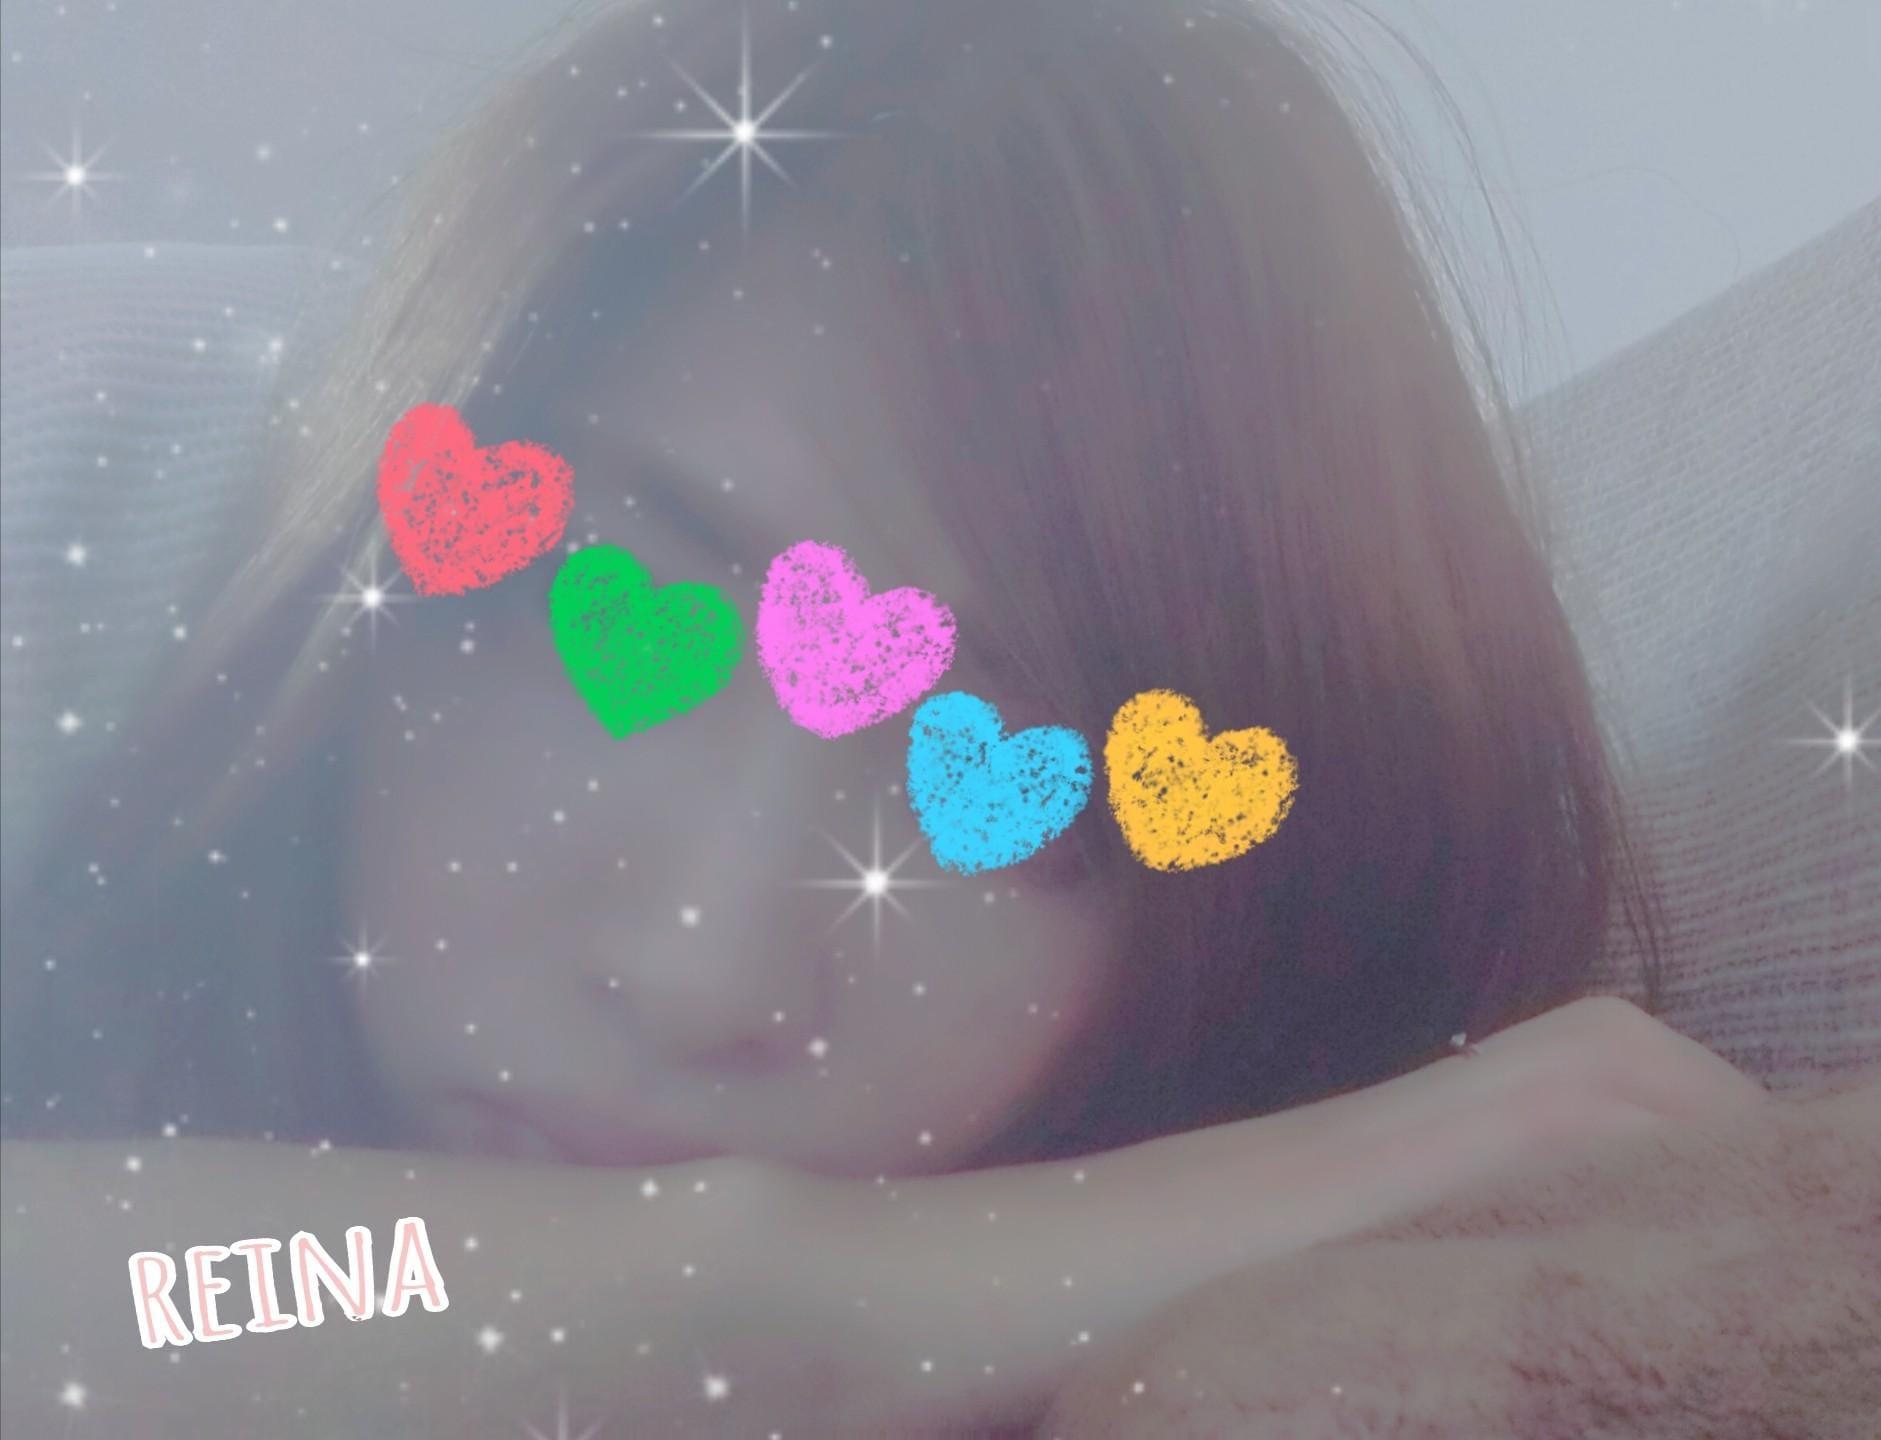 「本日のお礼です♪」07/20(07/20) 22:15 | れいなの写メ・風俗動画